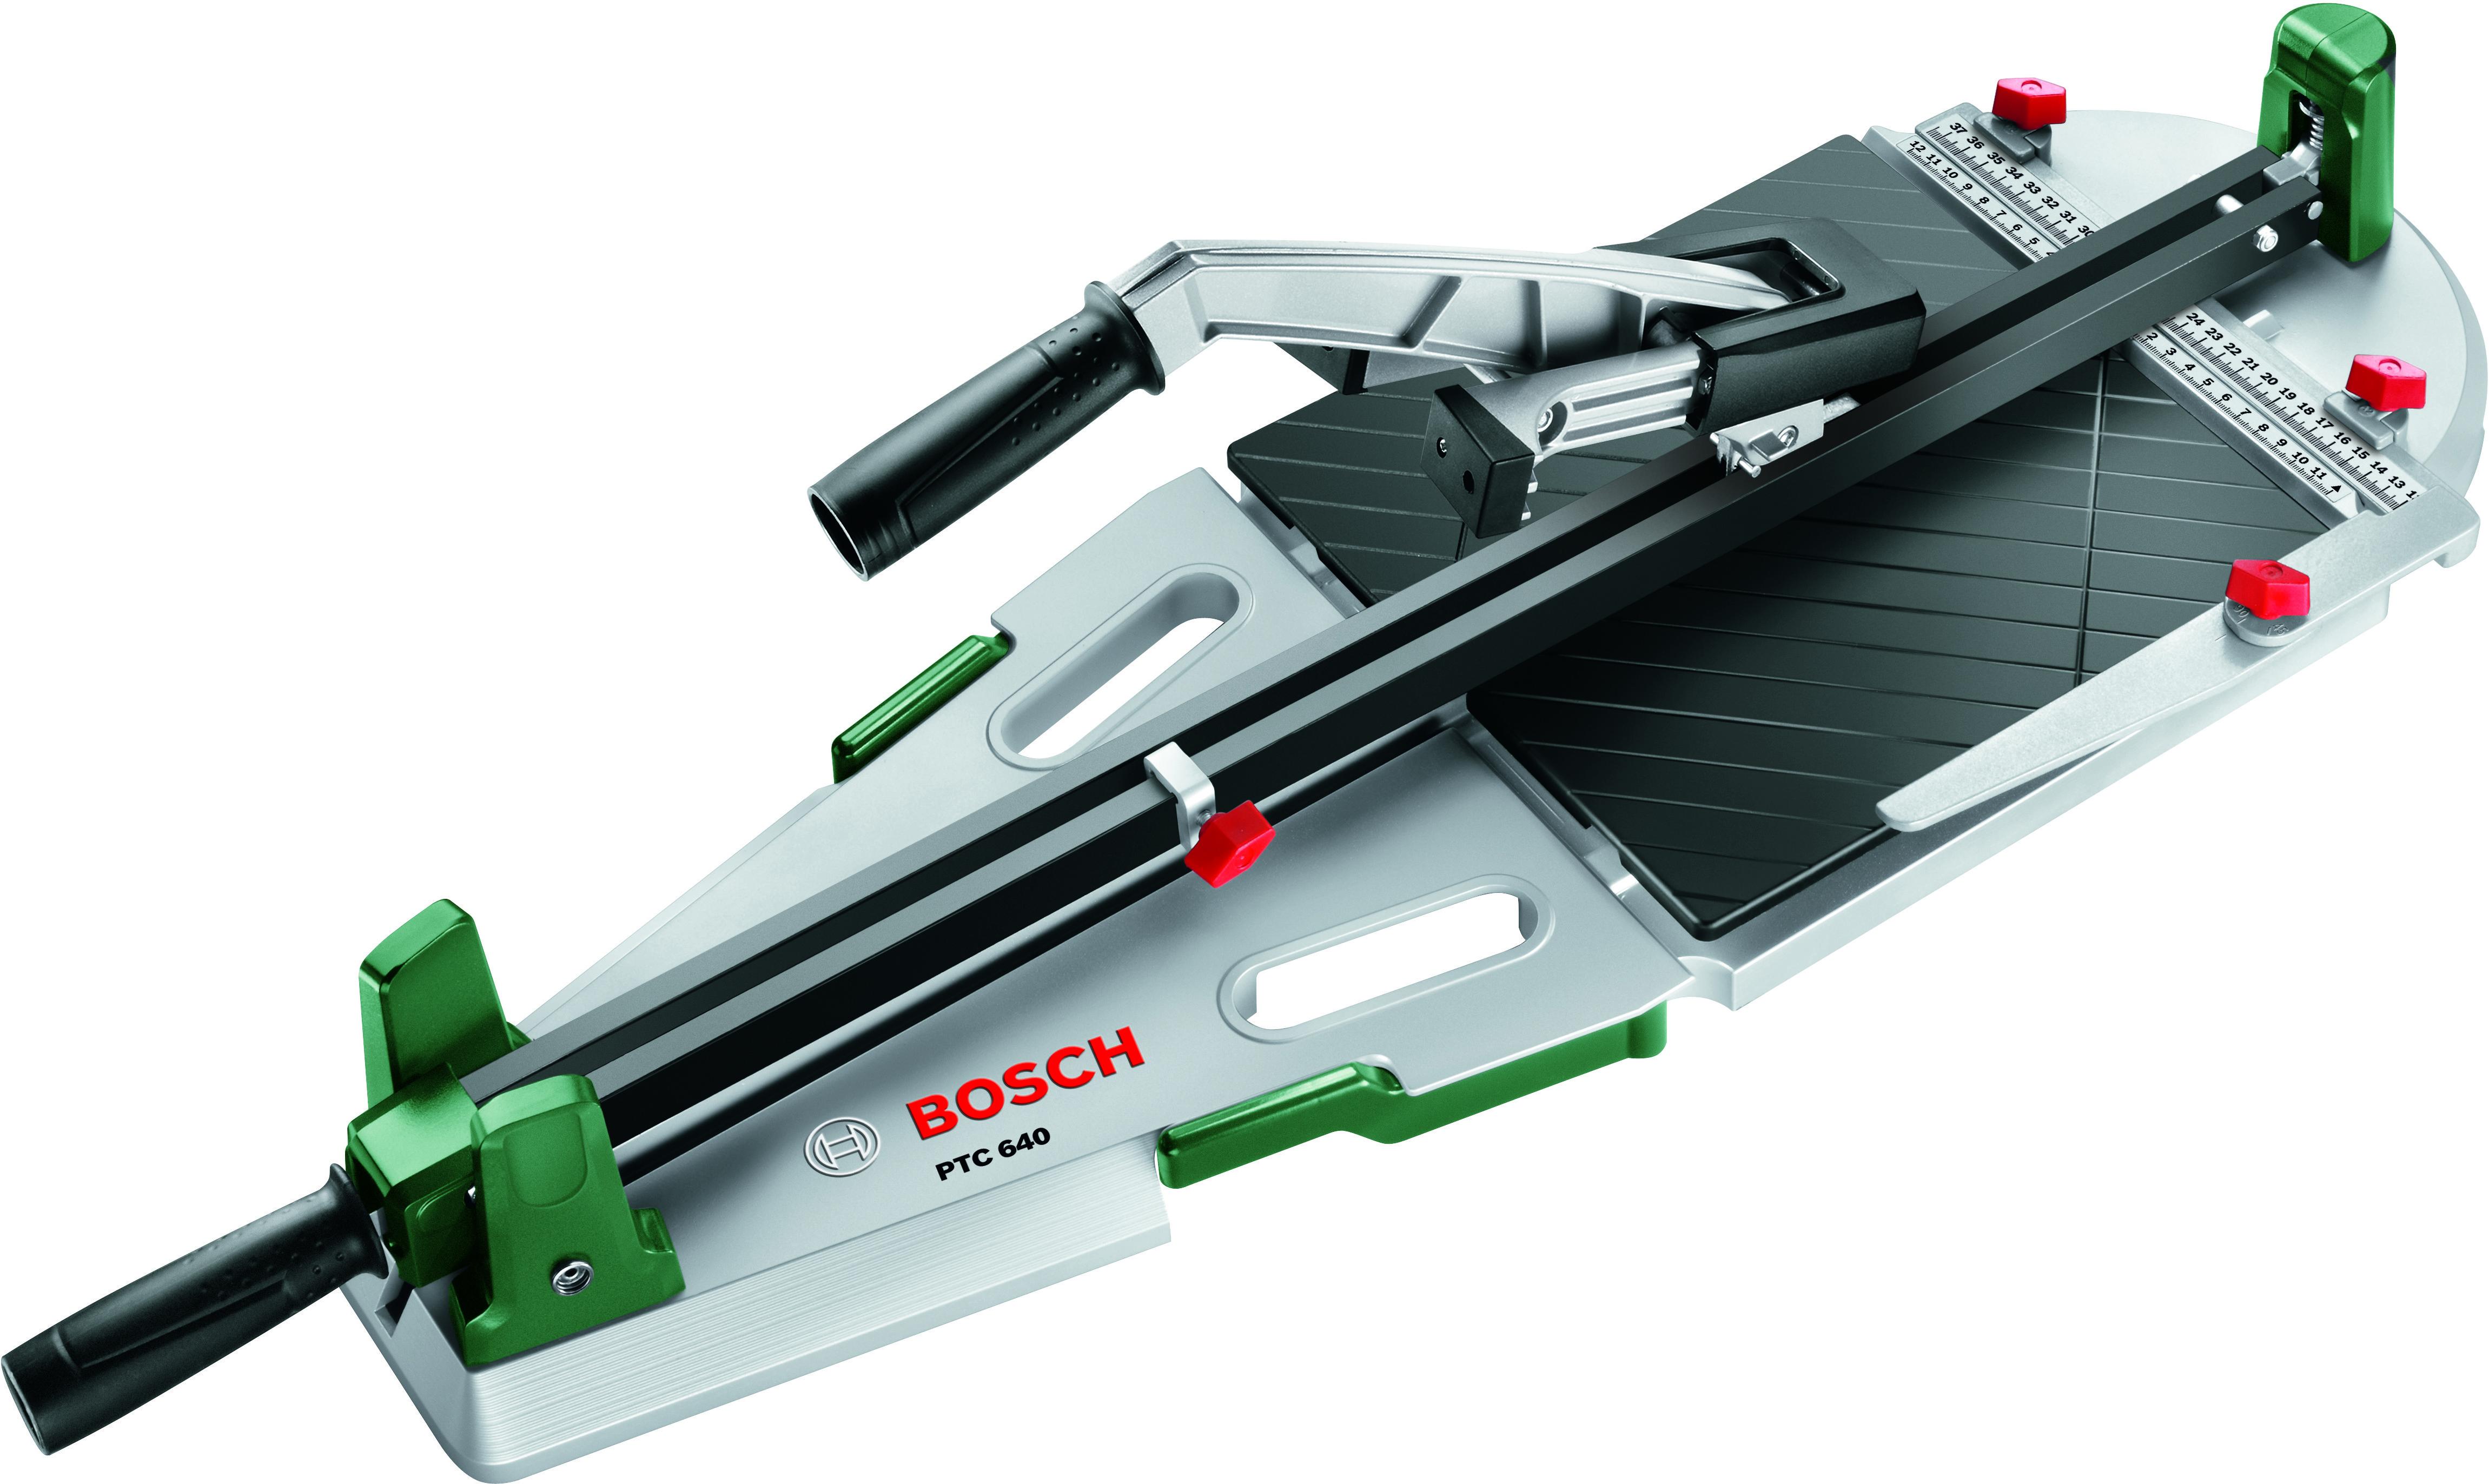 Opinie o Bosch Maszynka do cięcia płytek PTC 640 0603B04400